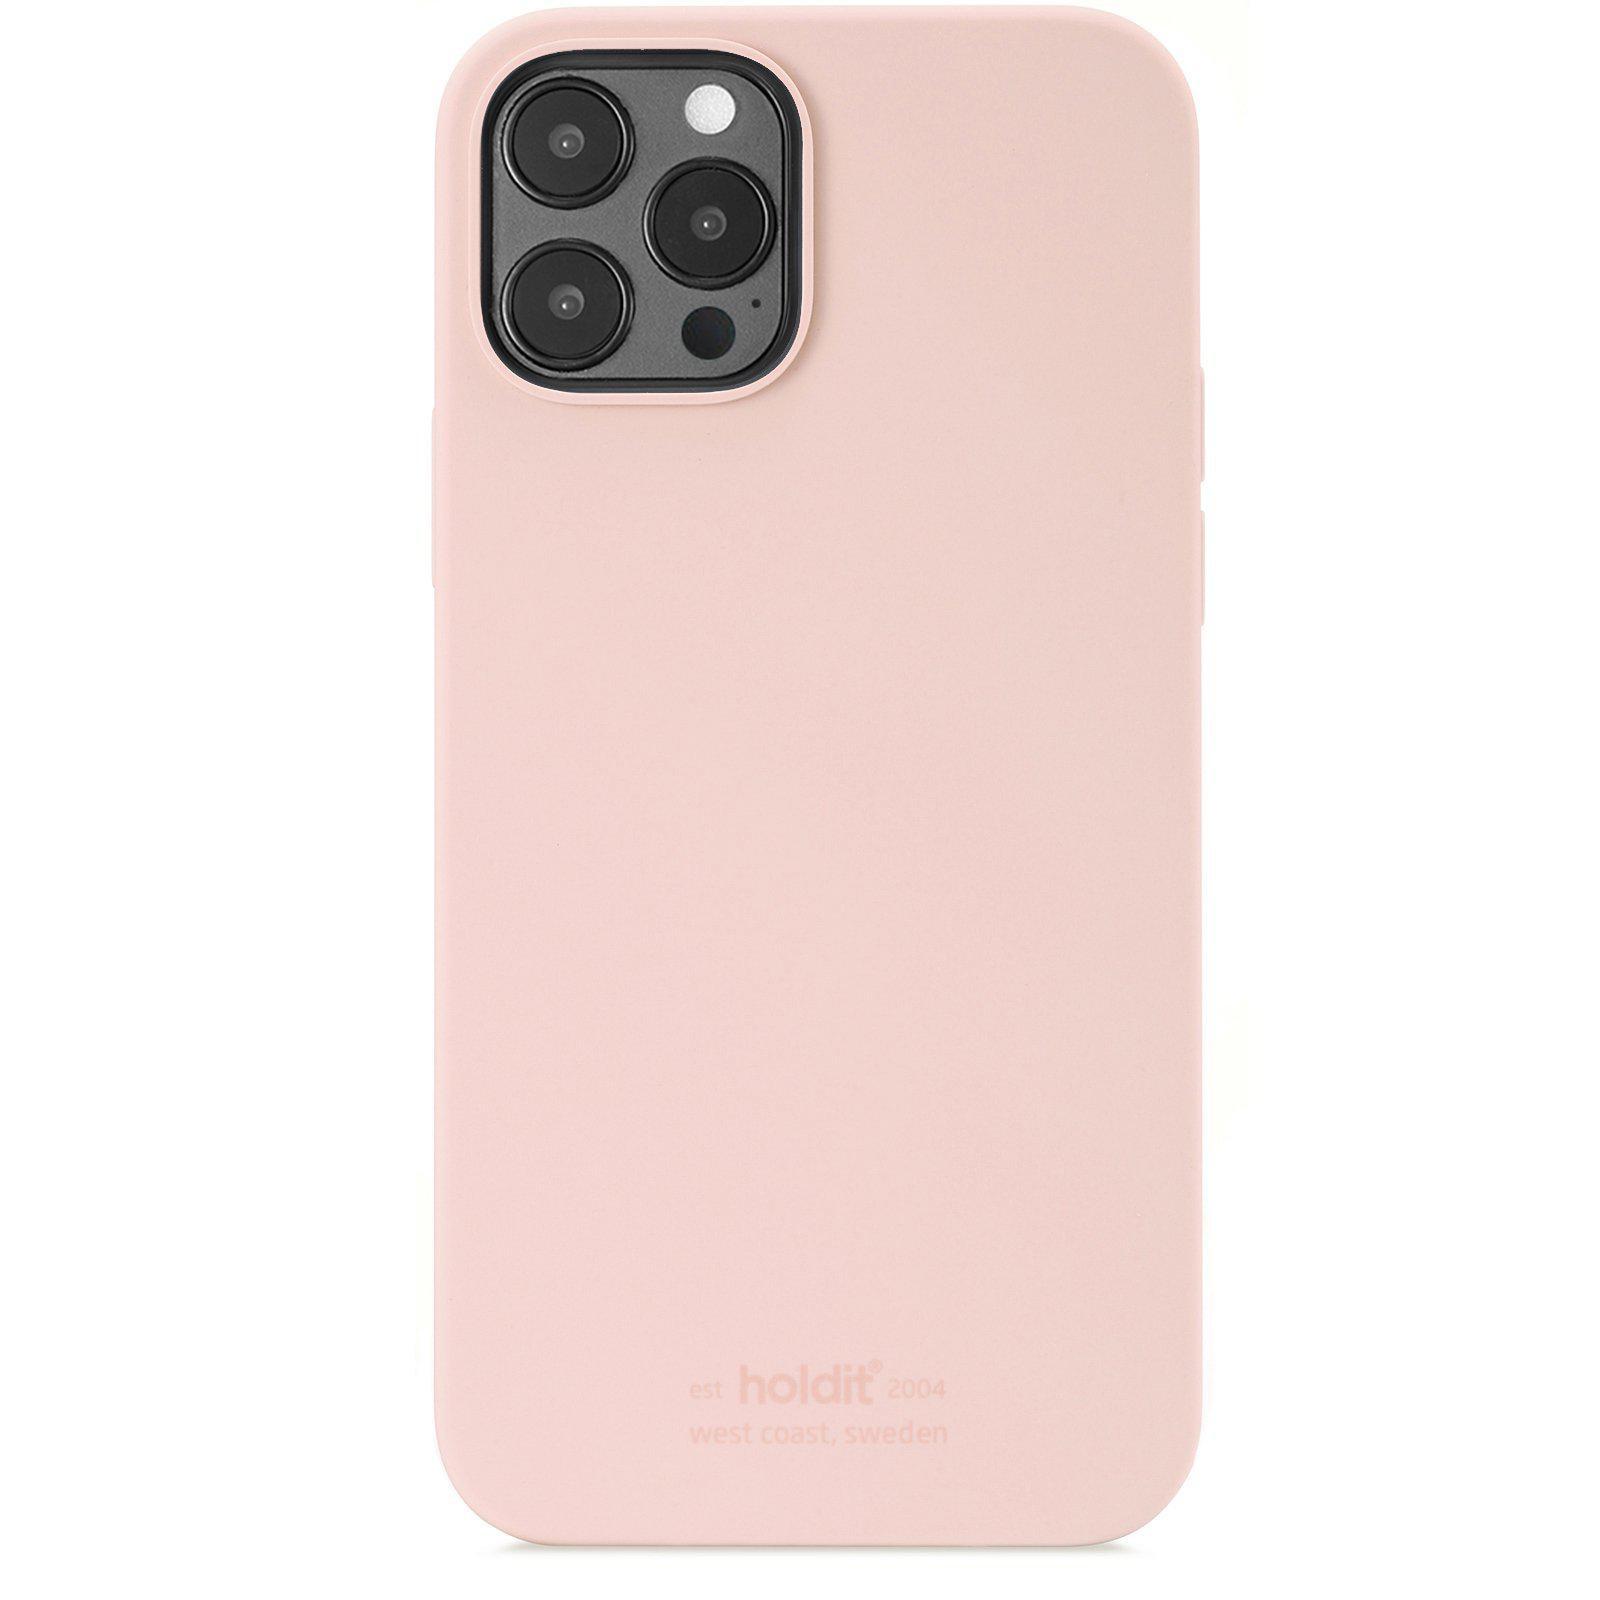 Silikonskal iPhone 12/12 Pro Blush Pink